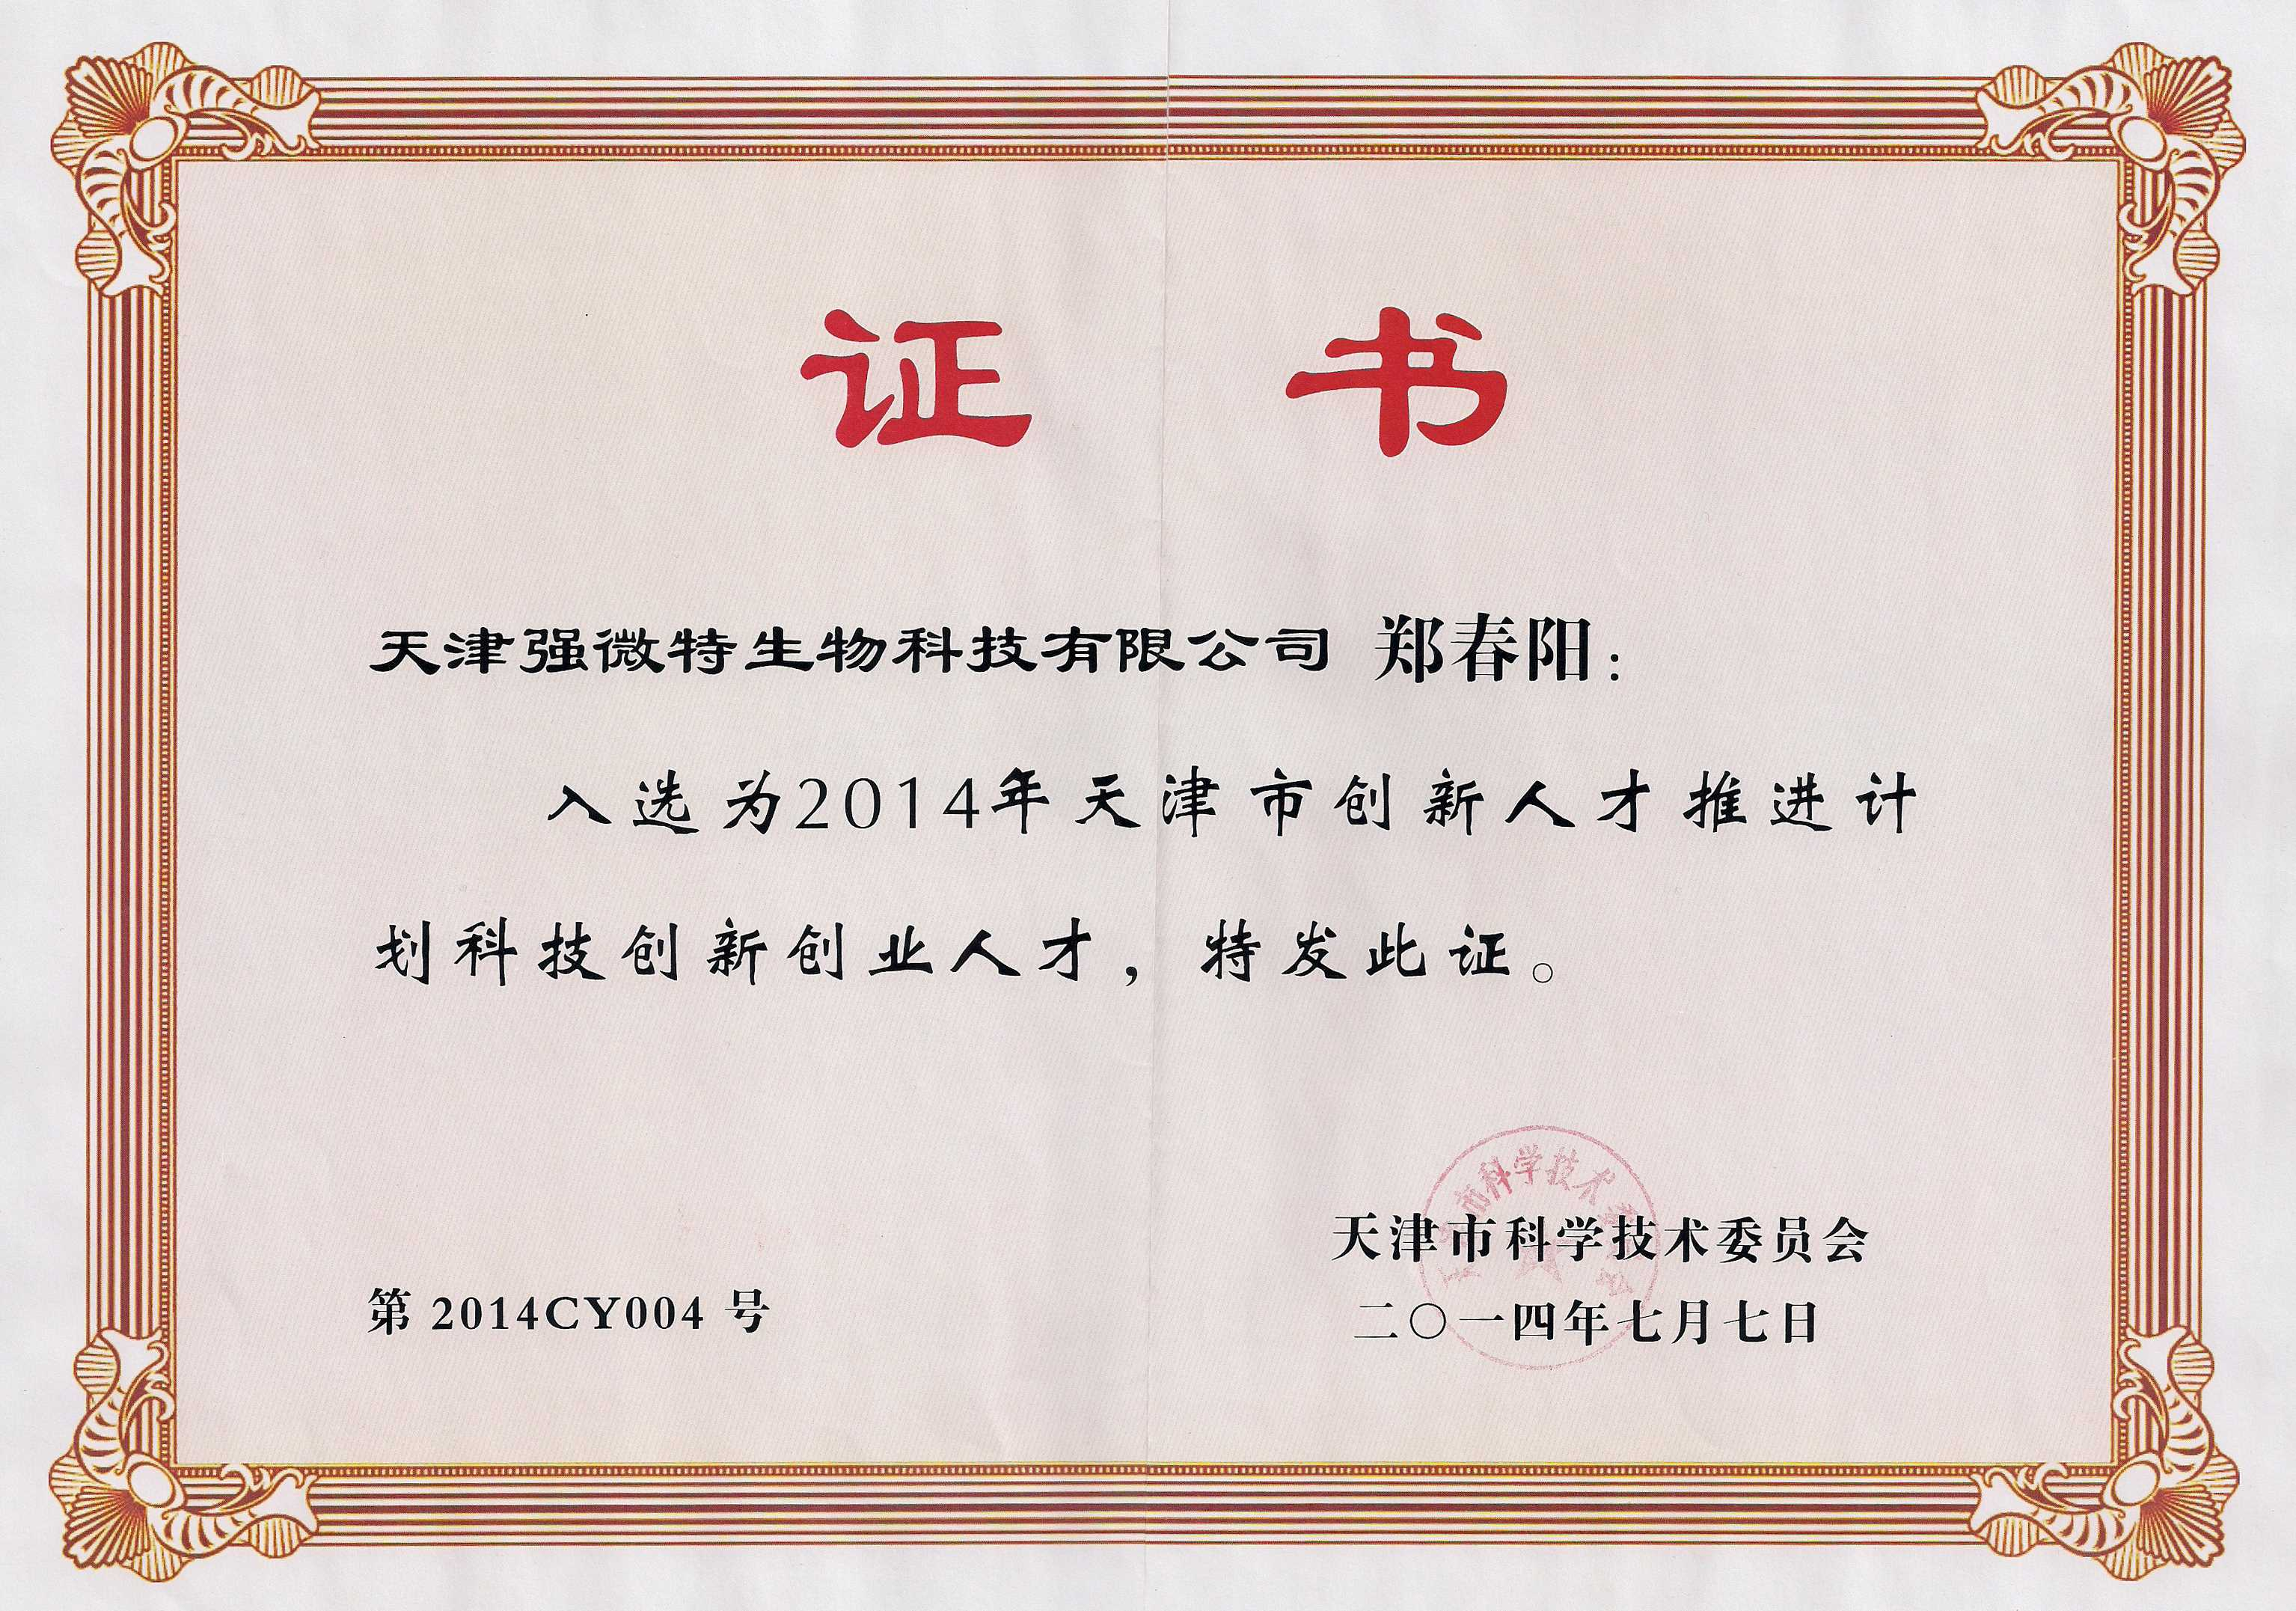 公司荣誉-2014天津市创新人才推进计划科技创新创业人才0922